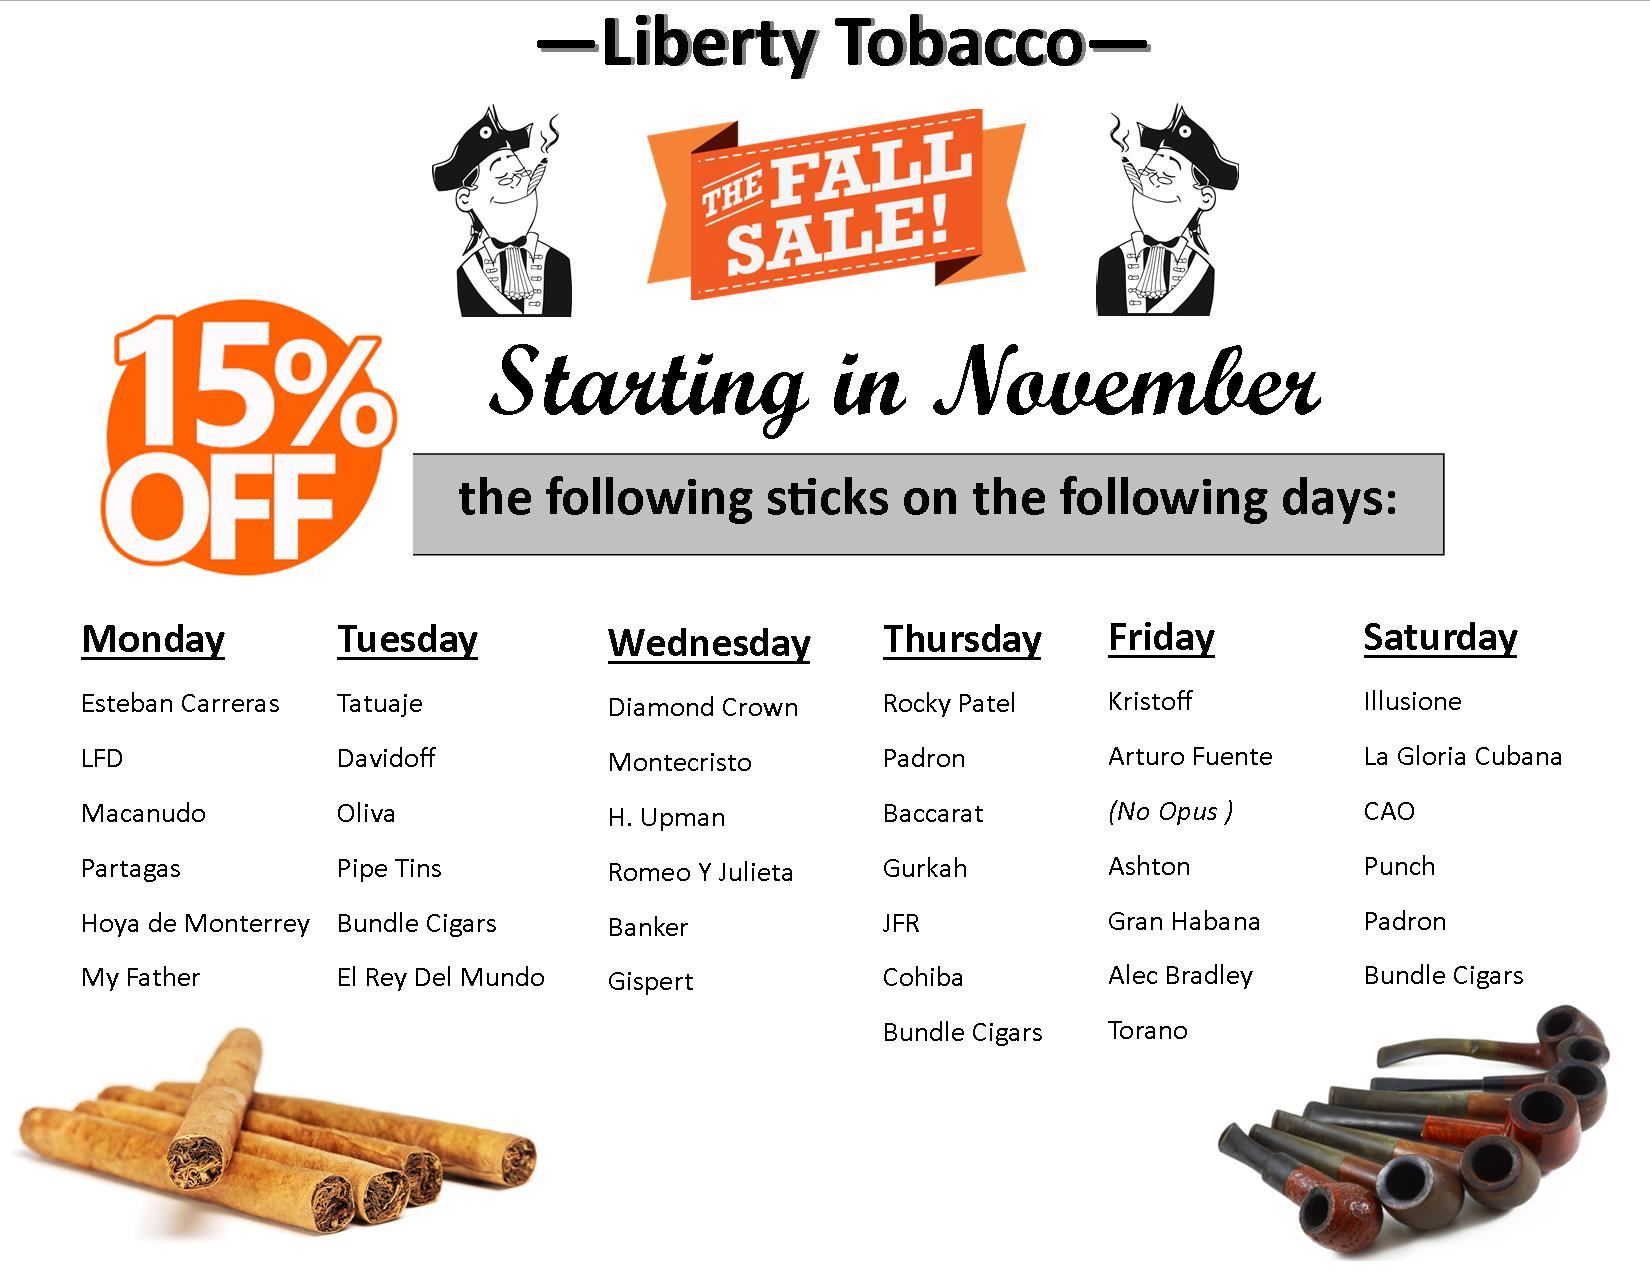 November Sales Promotion at Liberty Tobacco